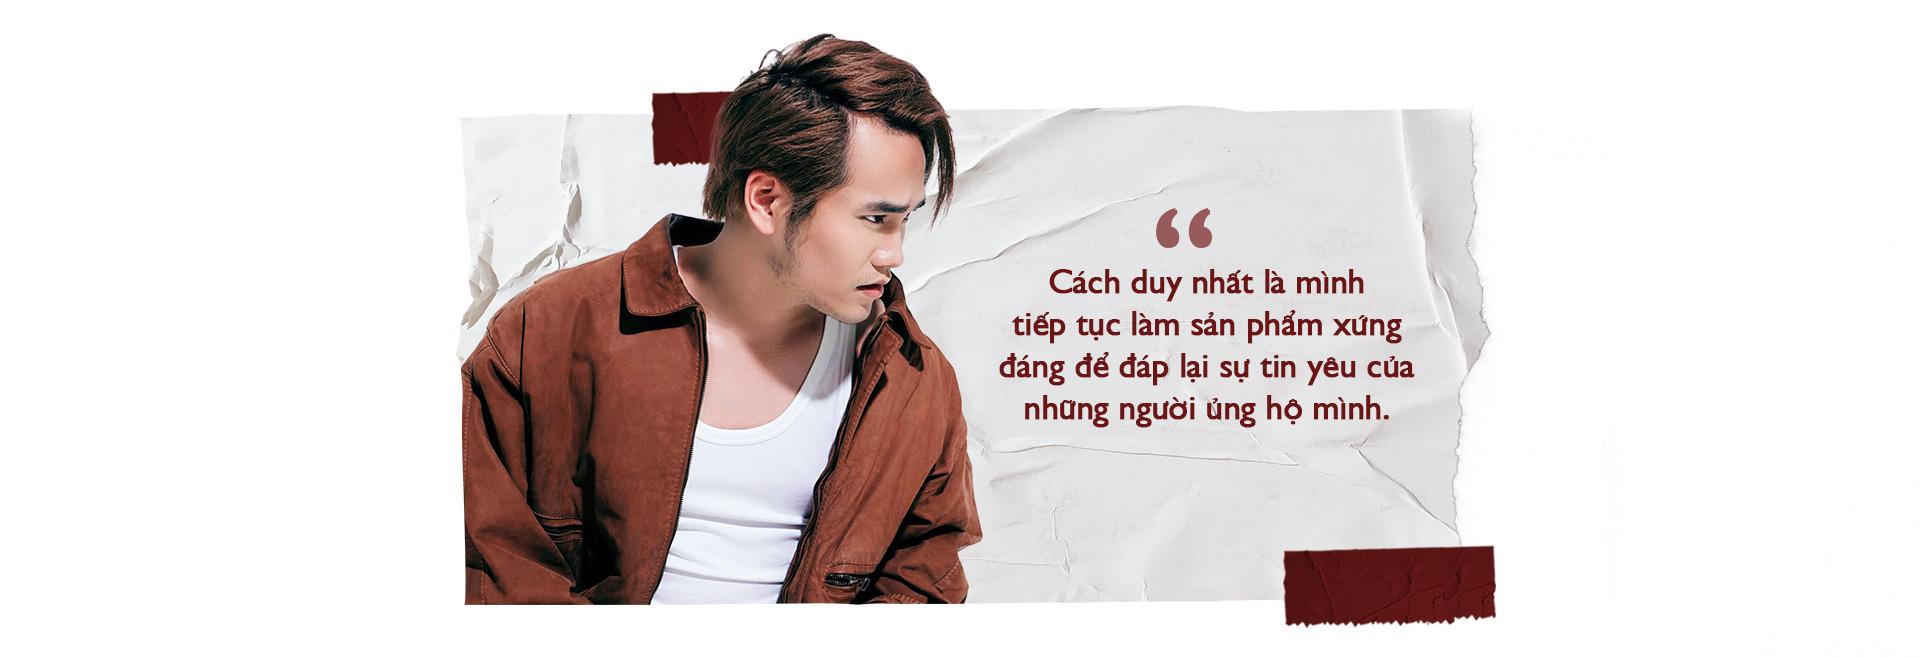 Tác giả Ghen Cô Vy: Nhạc của tôi mang linh hồn Việt song không khác gì nhạc tiếng Anh - Ảnh 7.